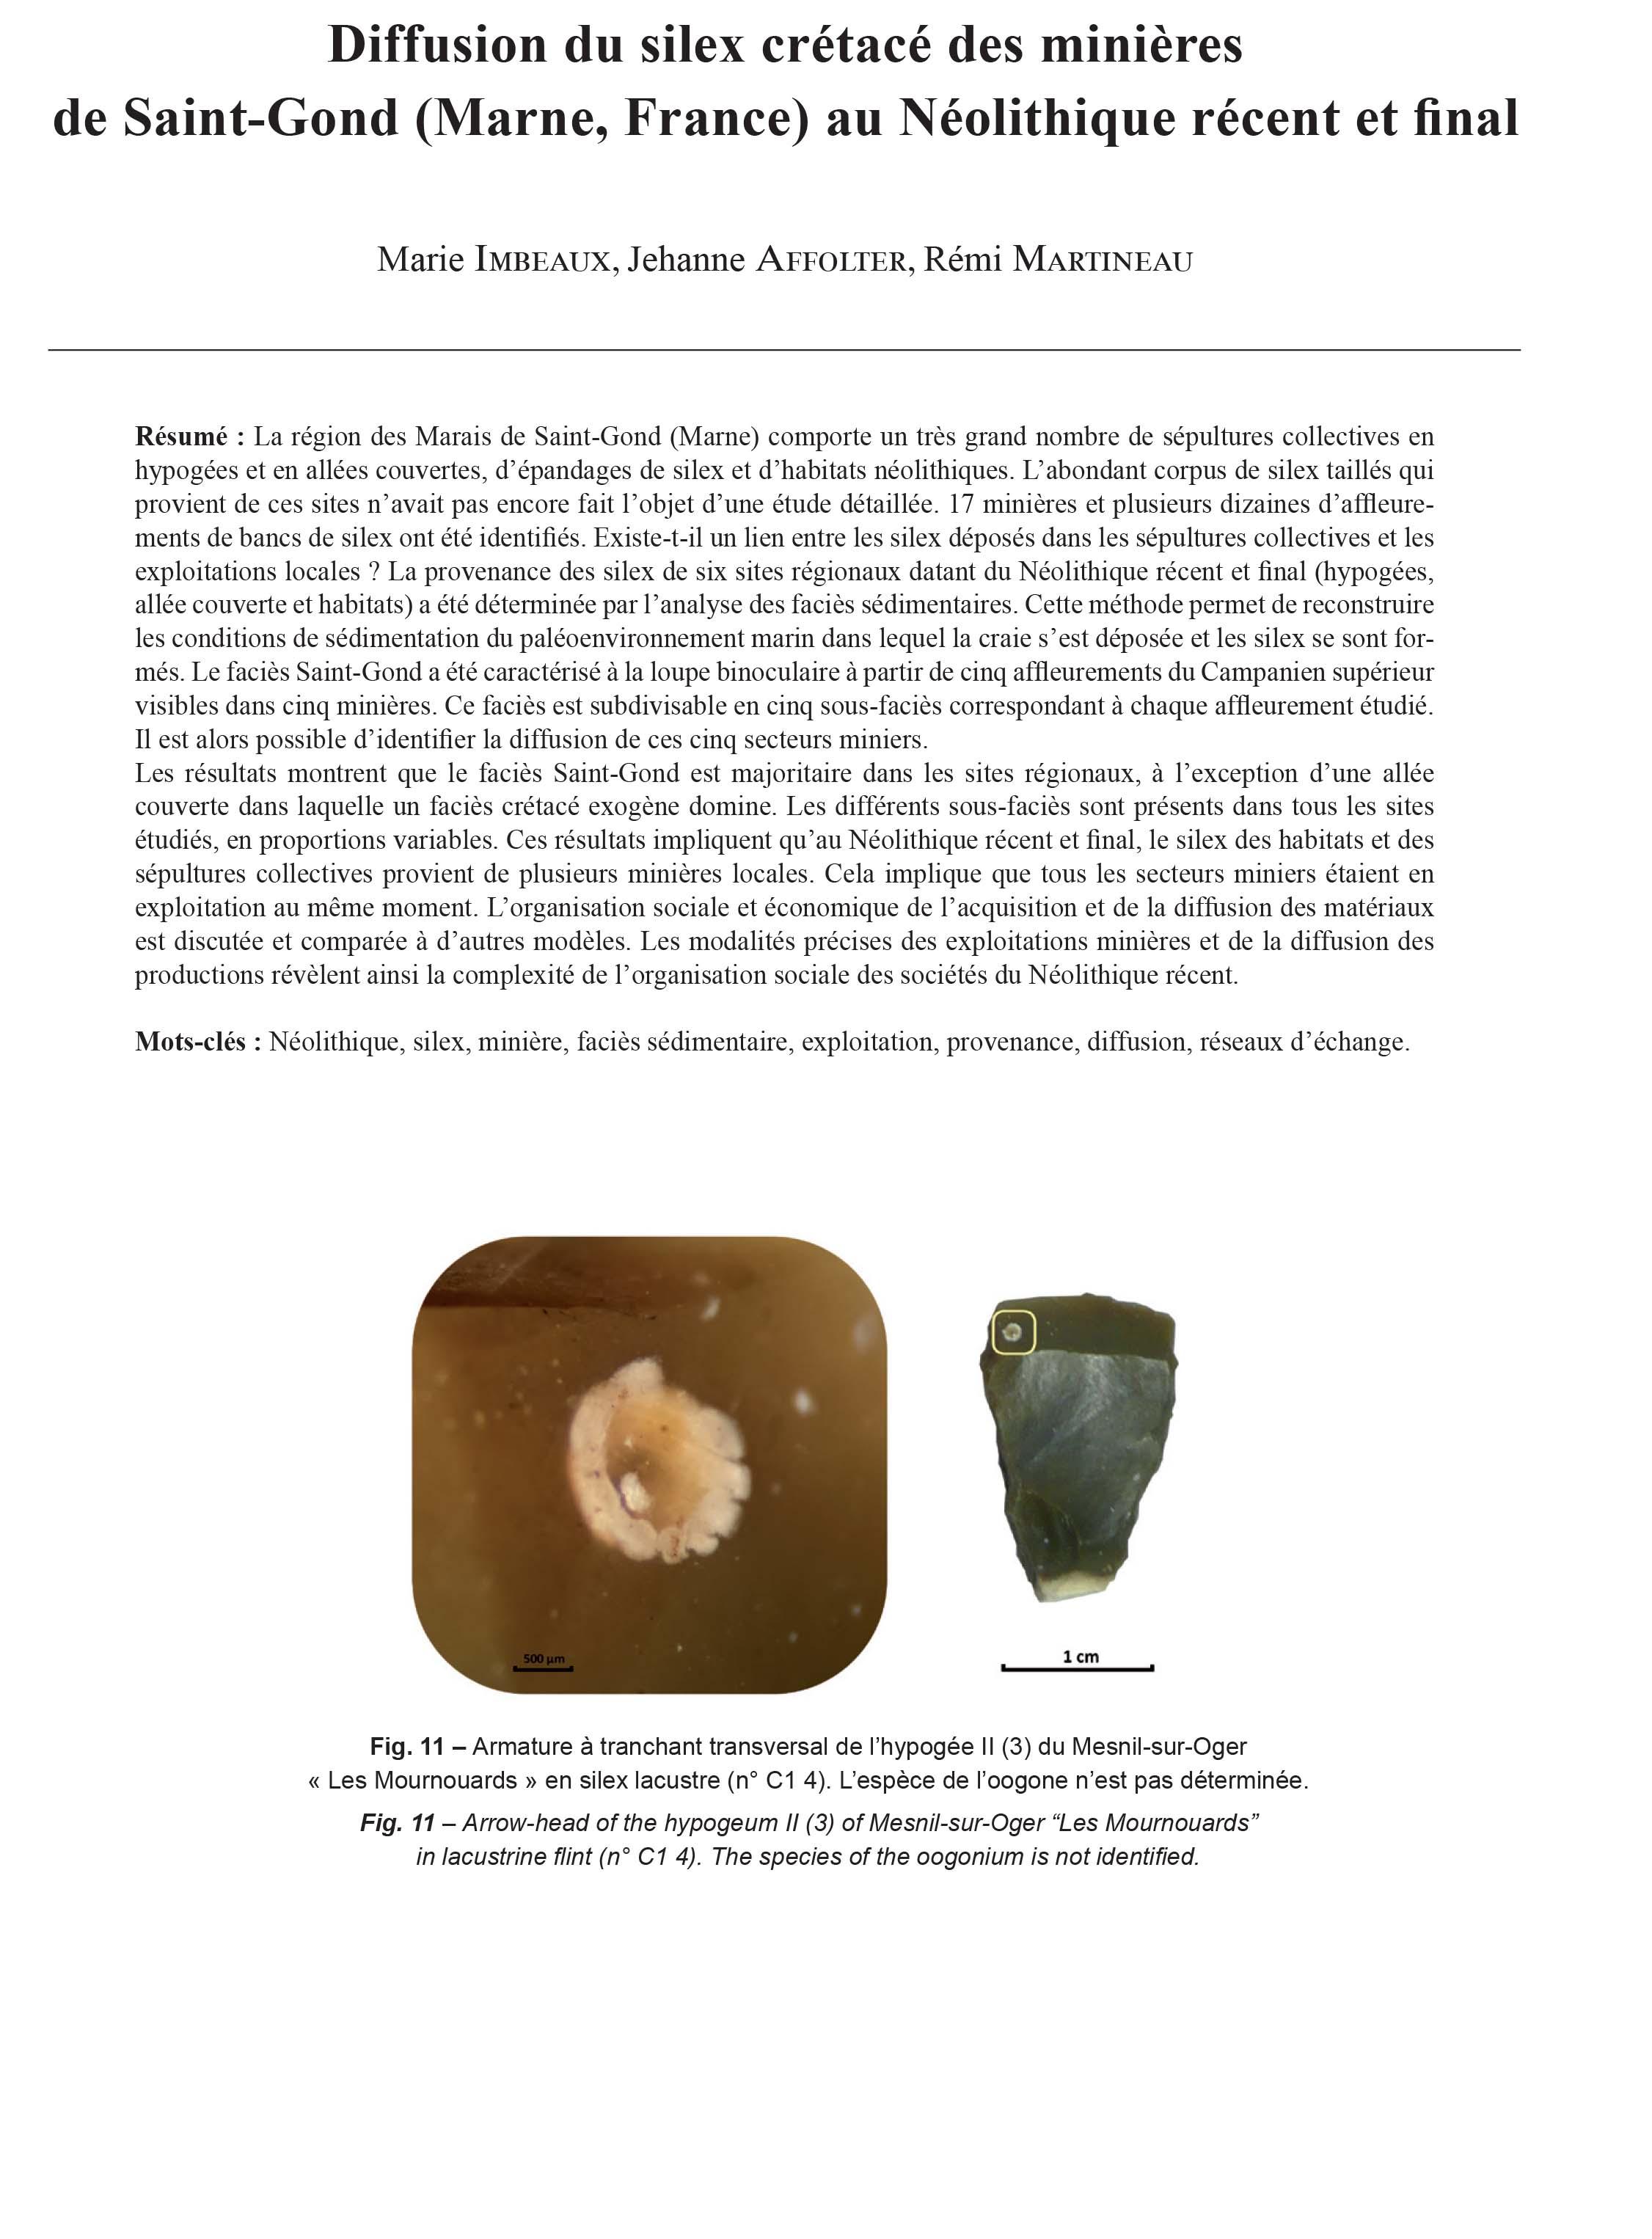 Pourquoi Pas De Volets En Irlande 21-2018, tome 115, 4, p. 733-767 - imbeaux m., affolter j., martineau r.  (2018) – diffusion du silex crétacé des minières de saint-gond (marne,